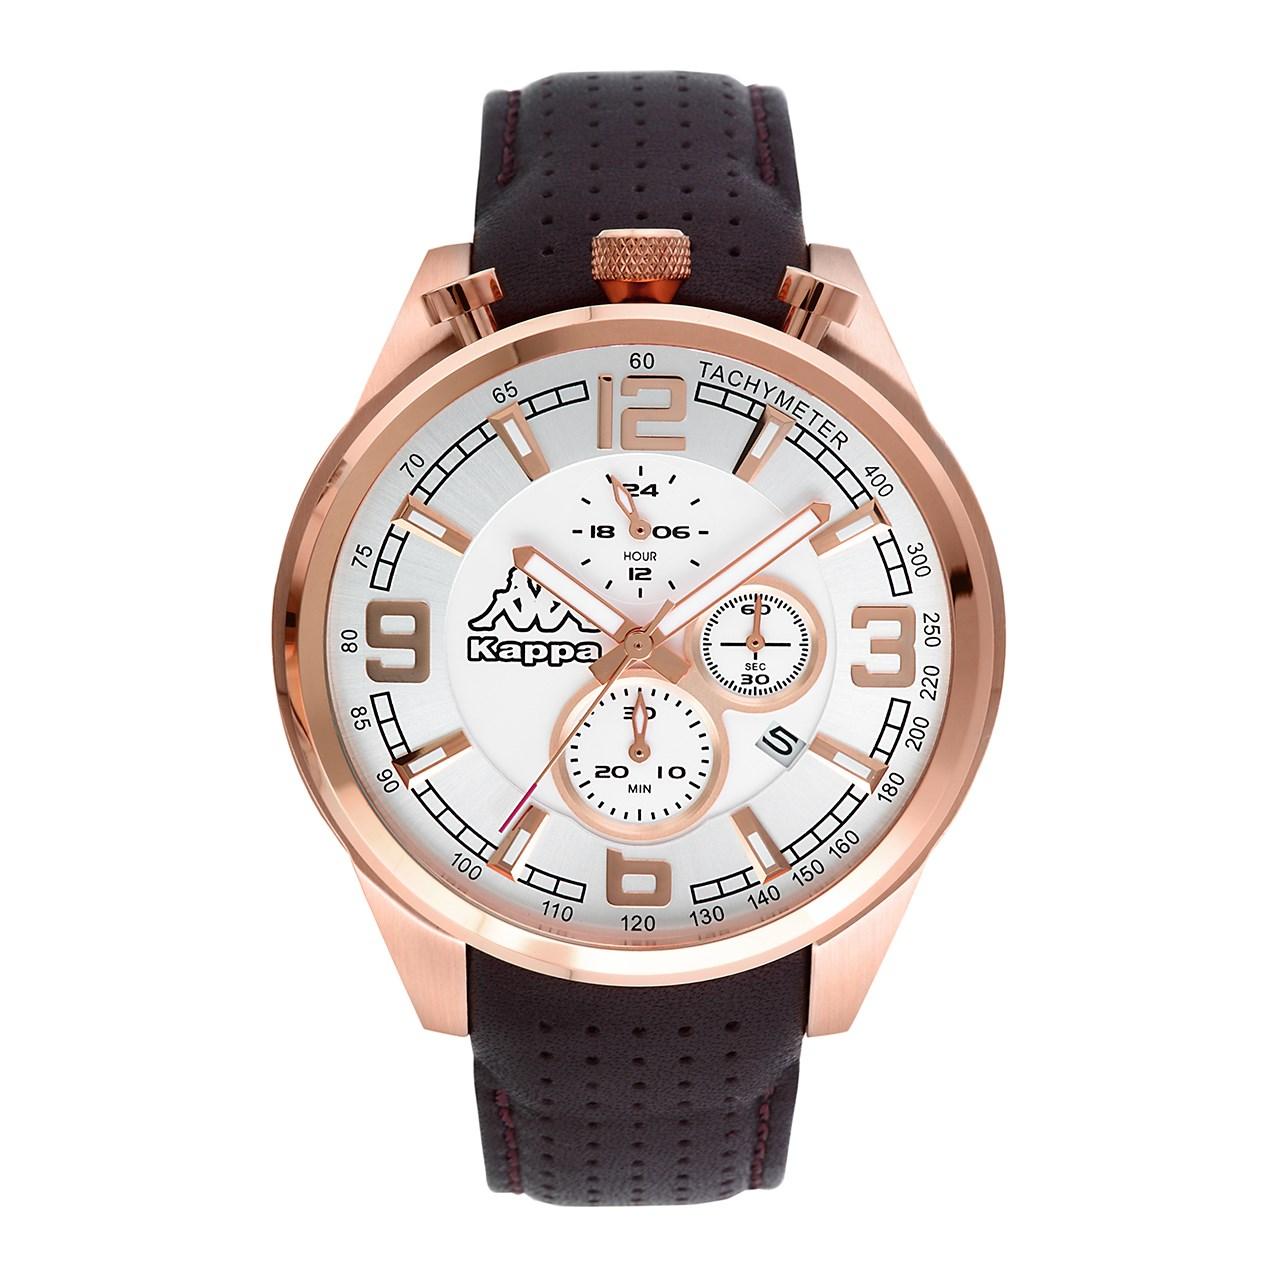 ساعت مچی عقربه ای کاپا مدل 1422m-c